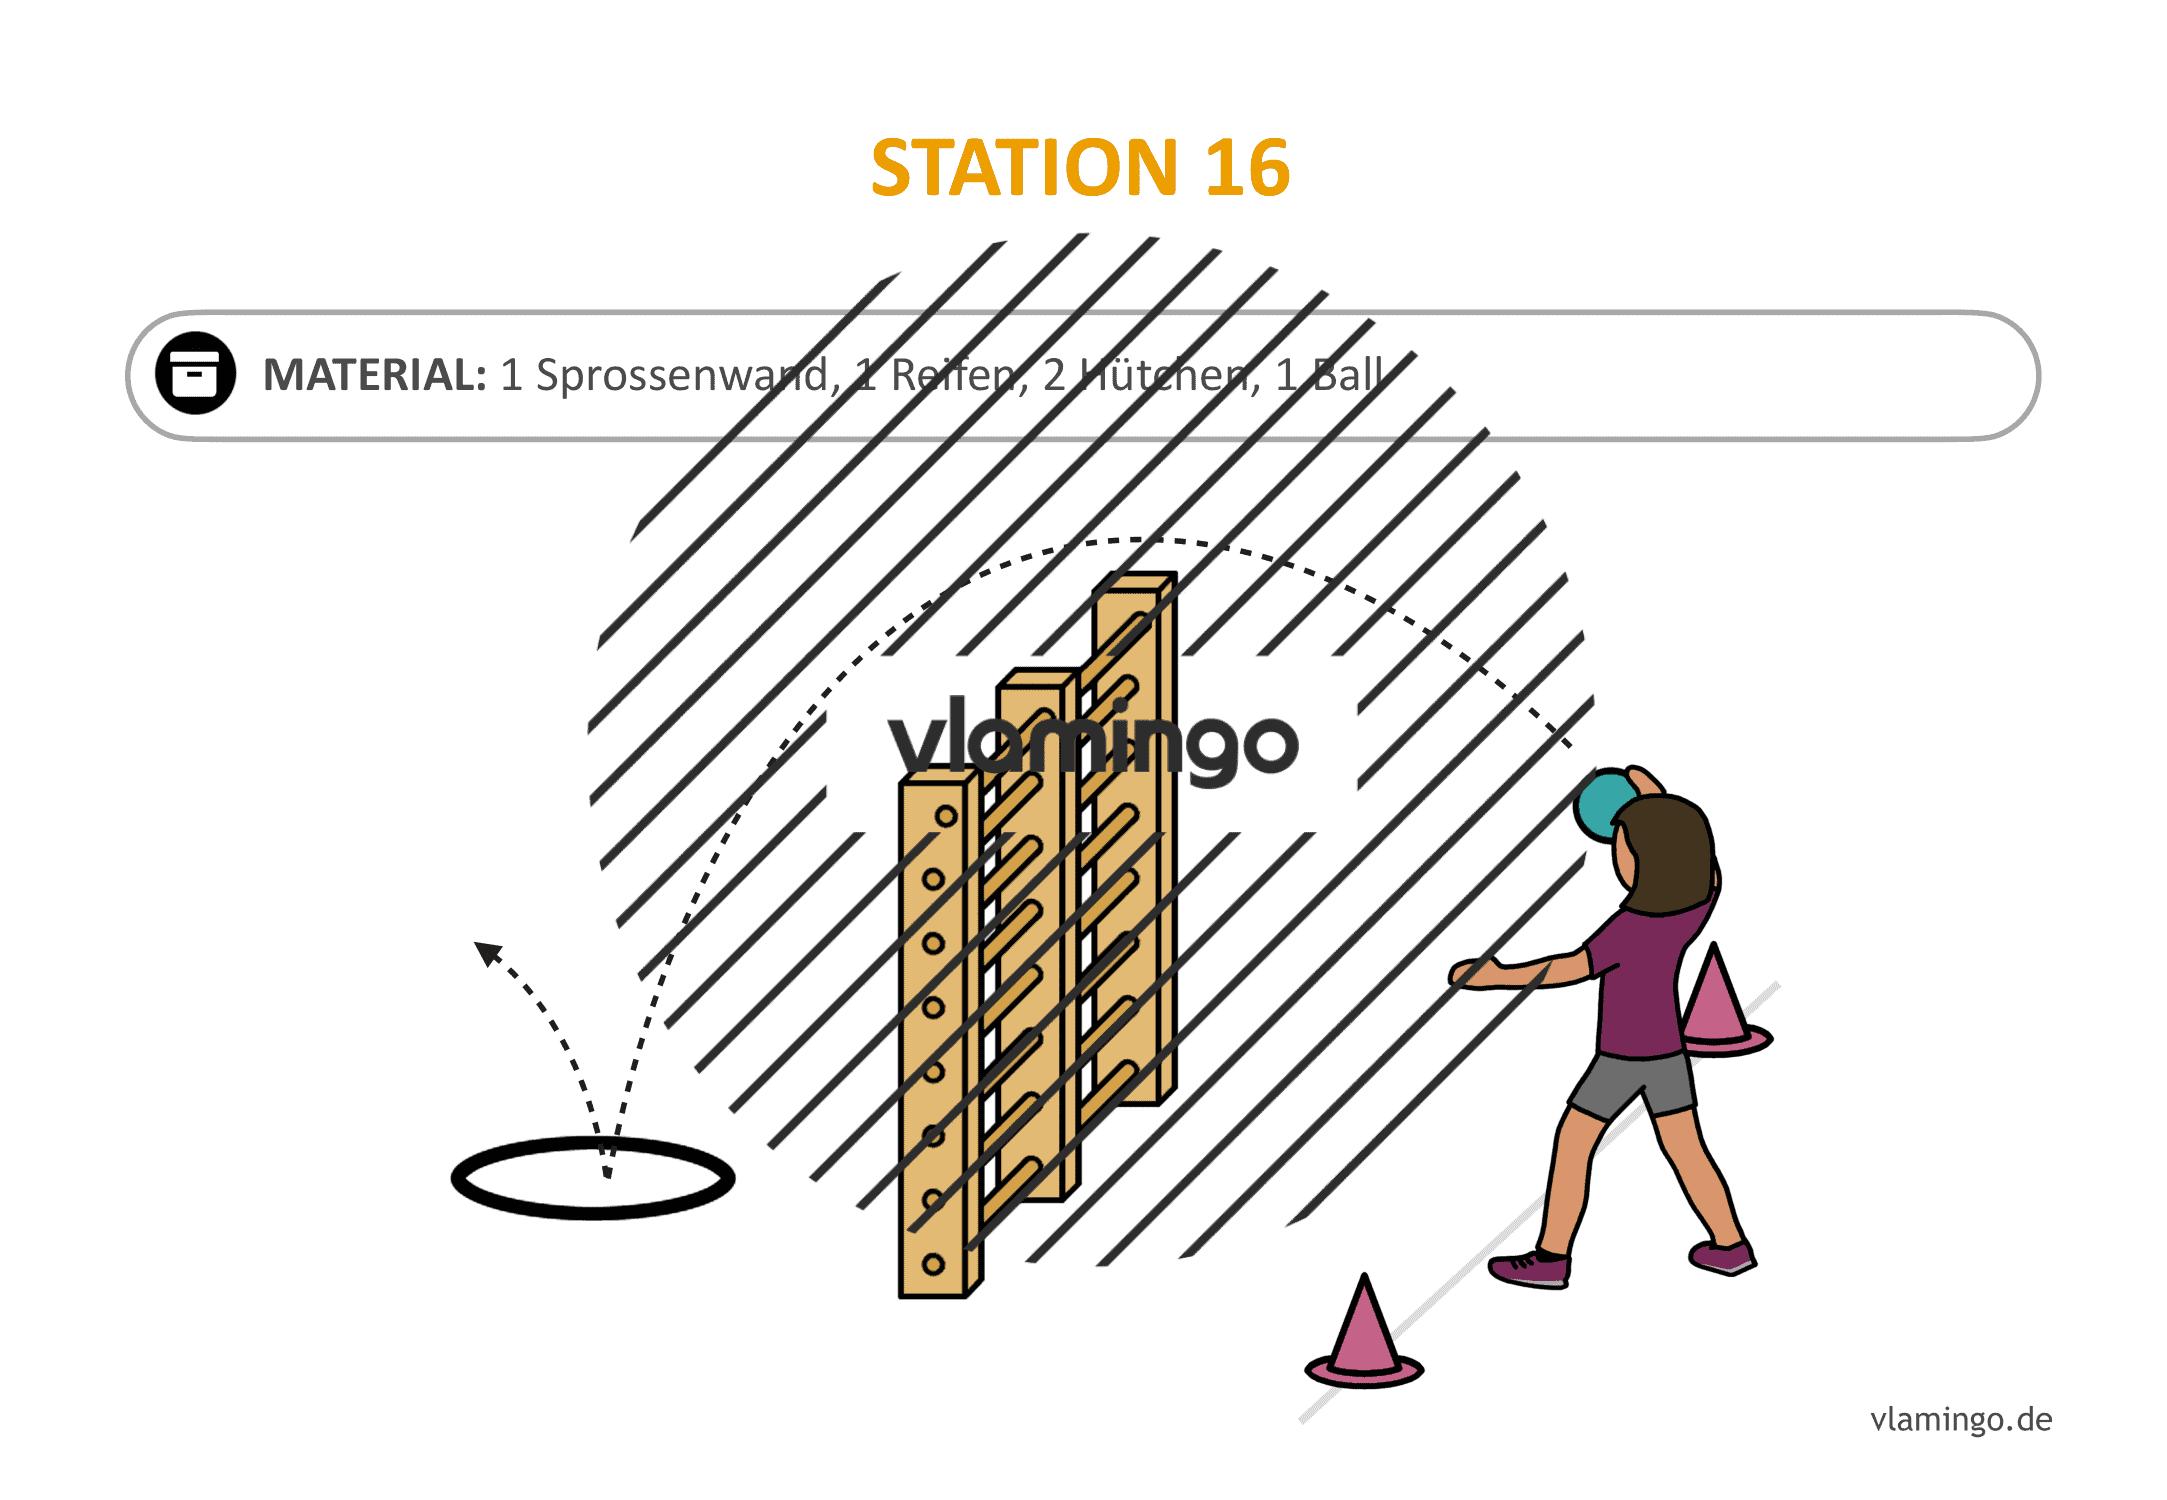 Handballgolf - Station-16